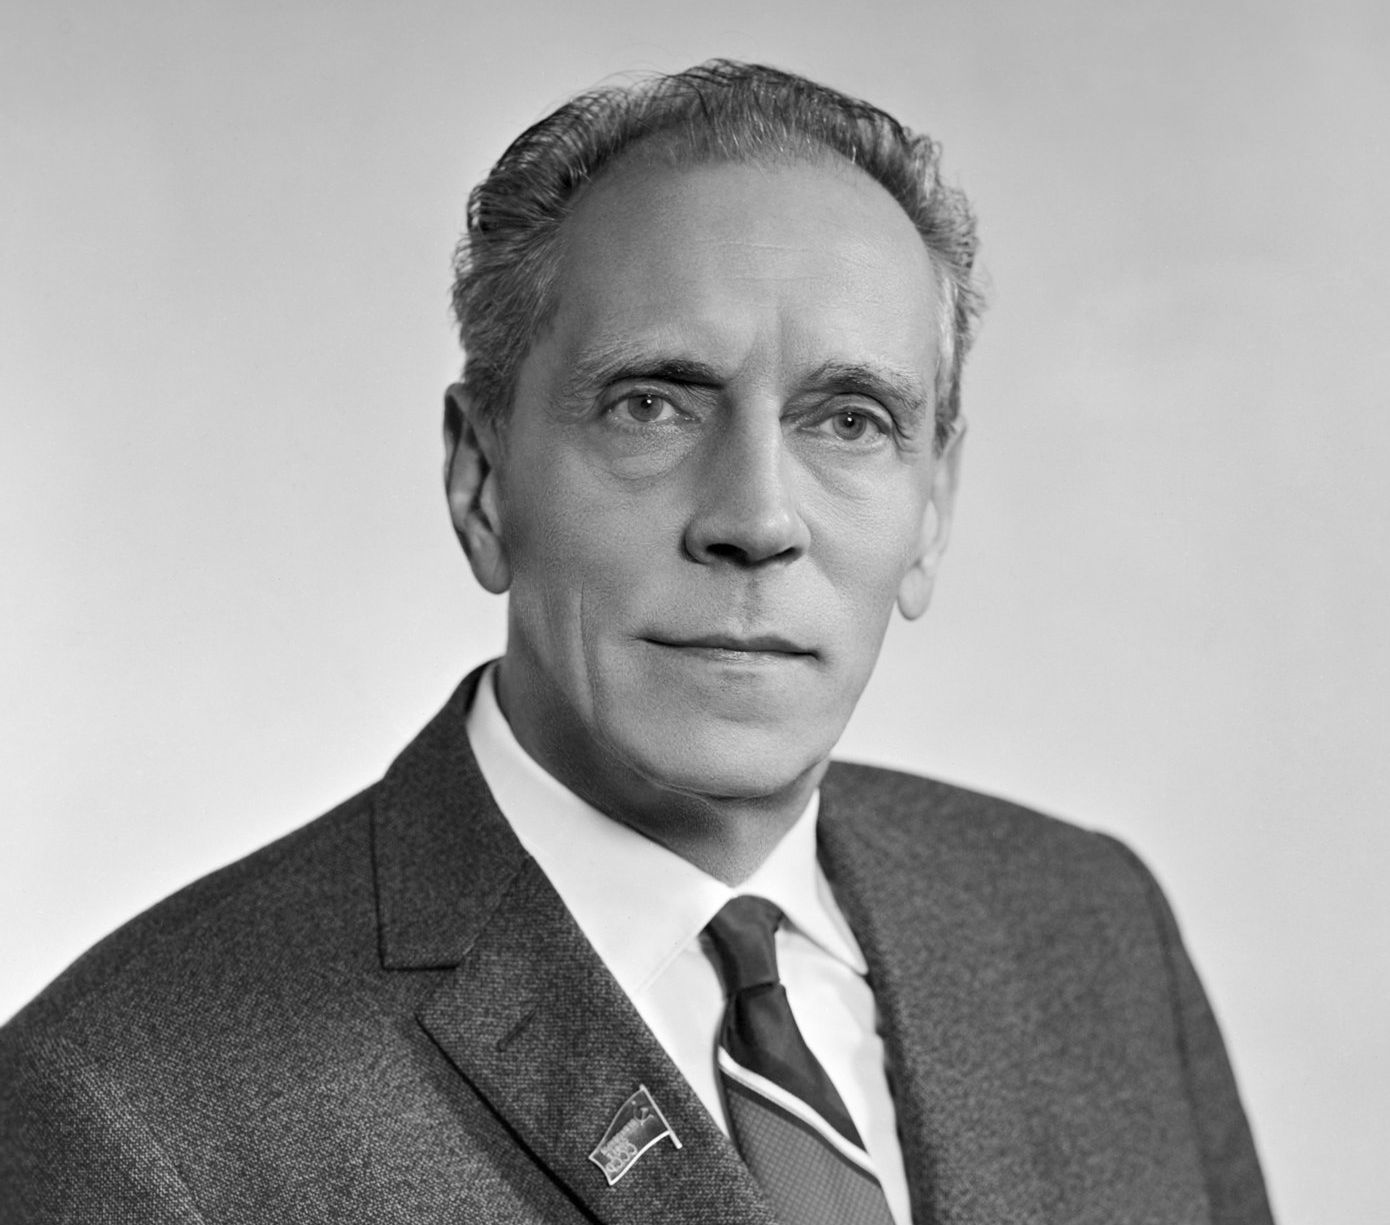 Пельше Арвид Янович, член Политбюро ЦК КПСС, председатель Комитета партийного контроля при ЦК КПСС